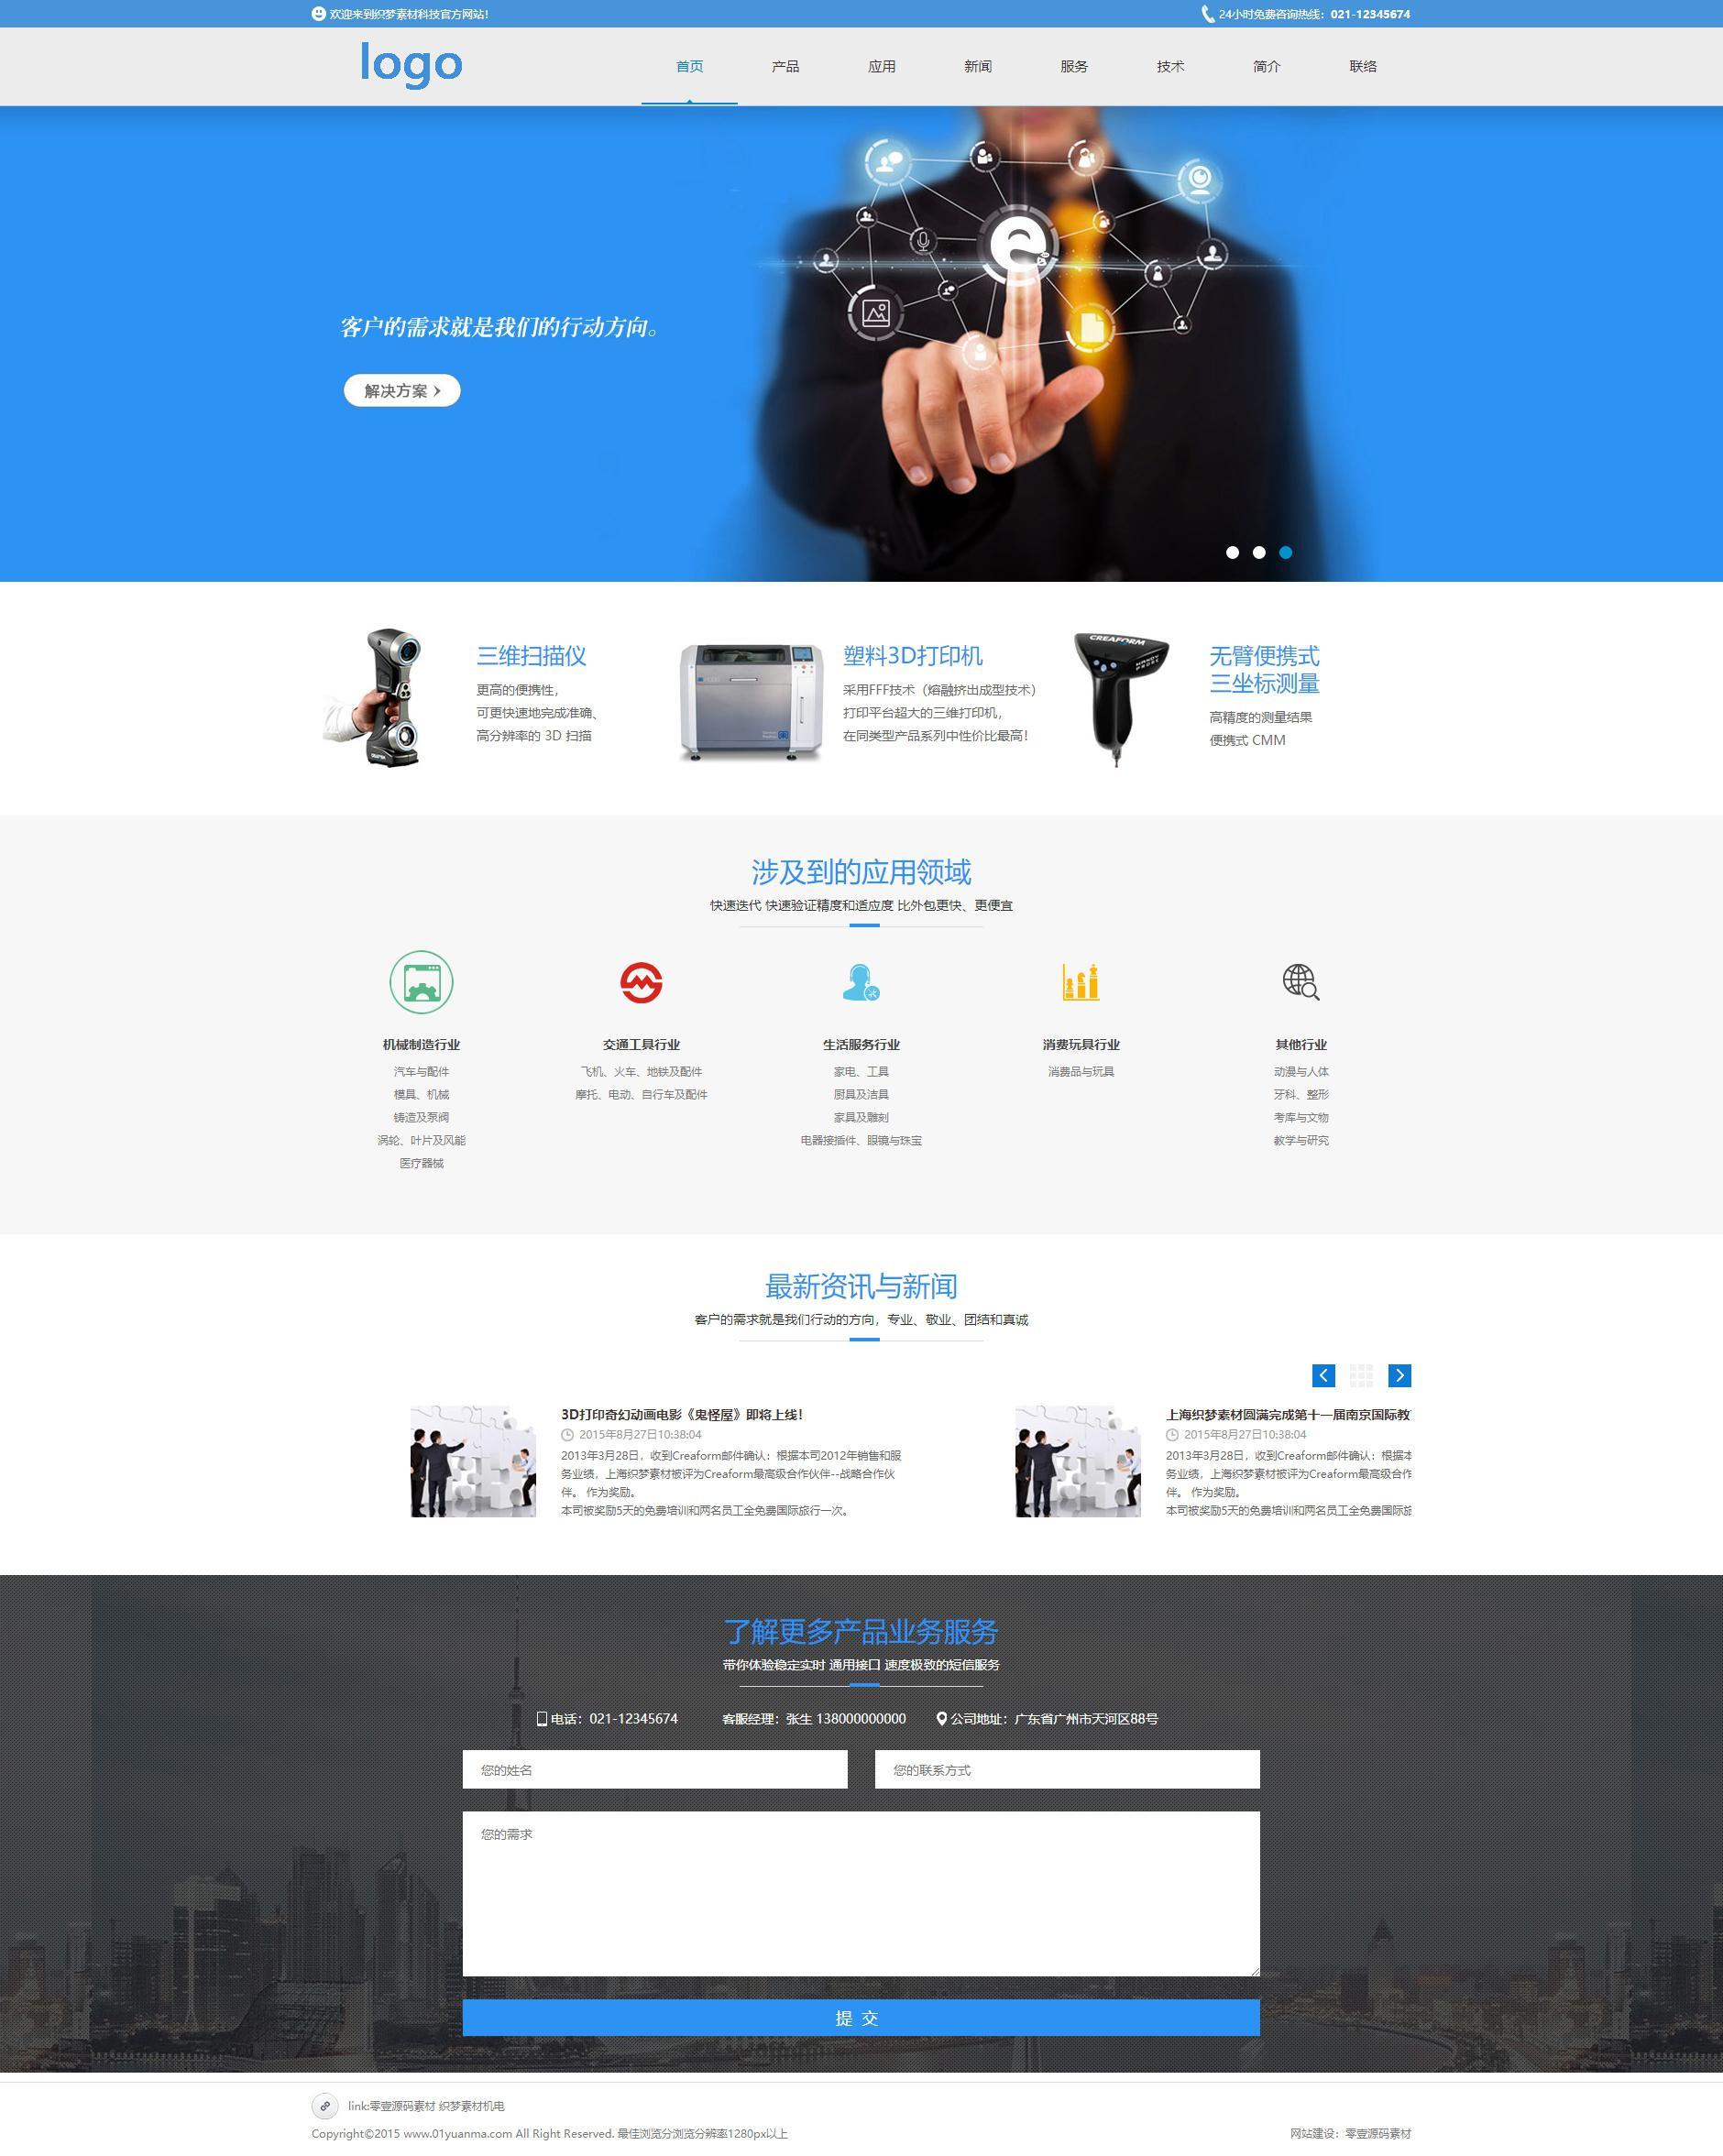 蓝色的3D打印技术设备公司网站html模板